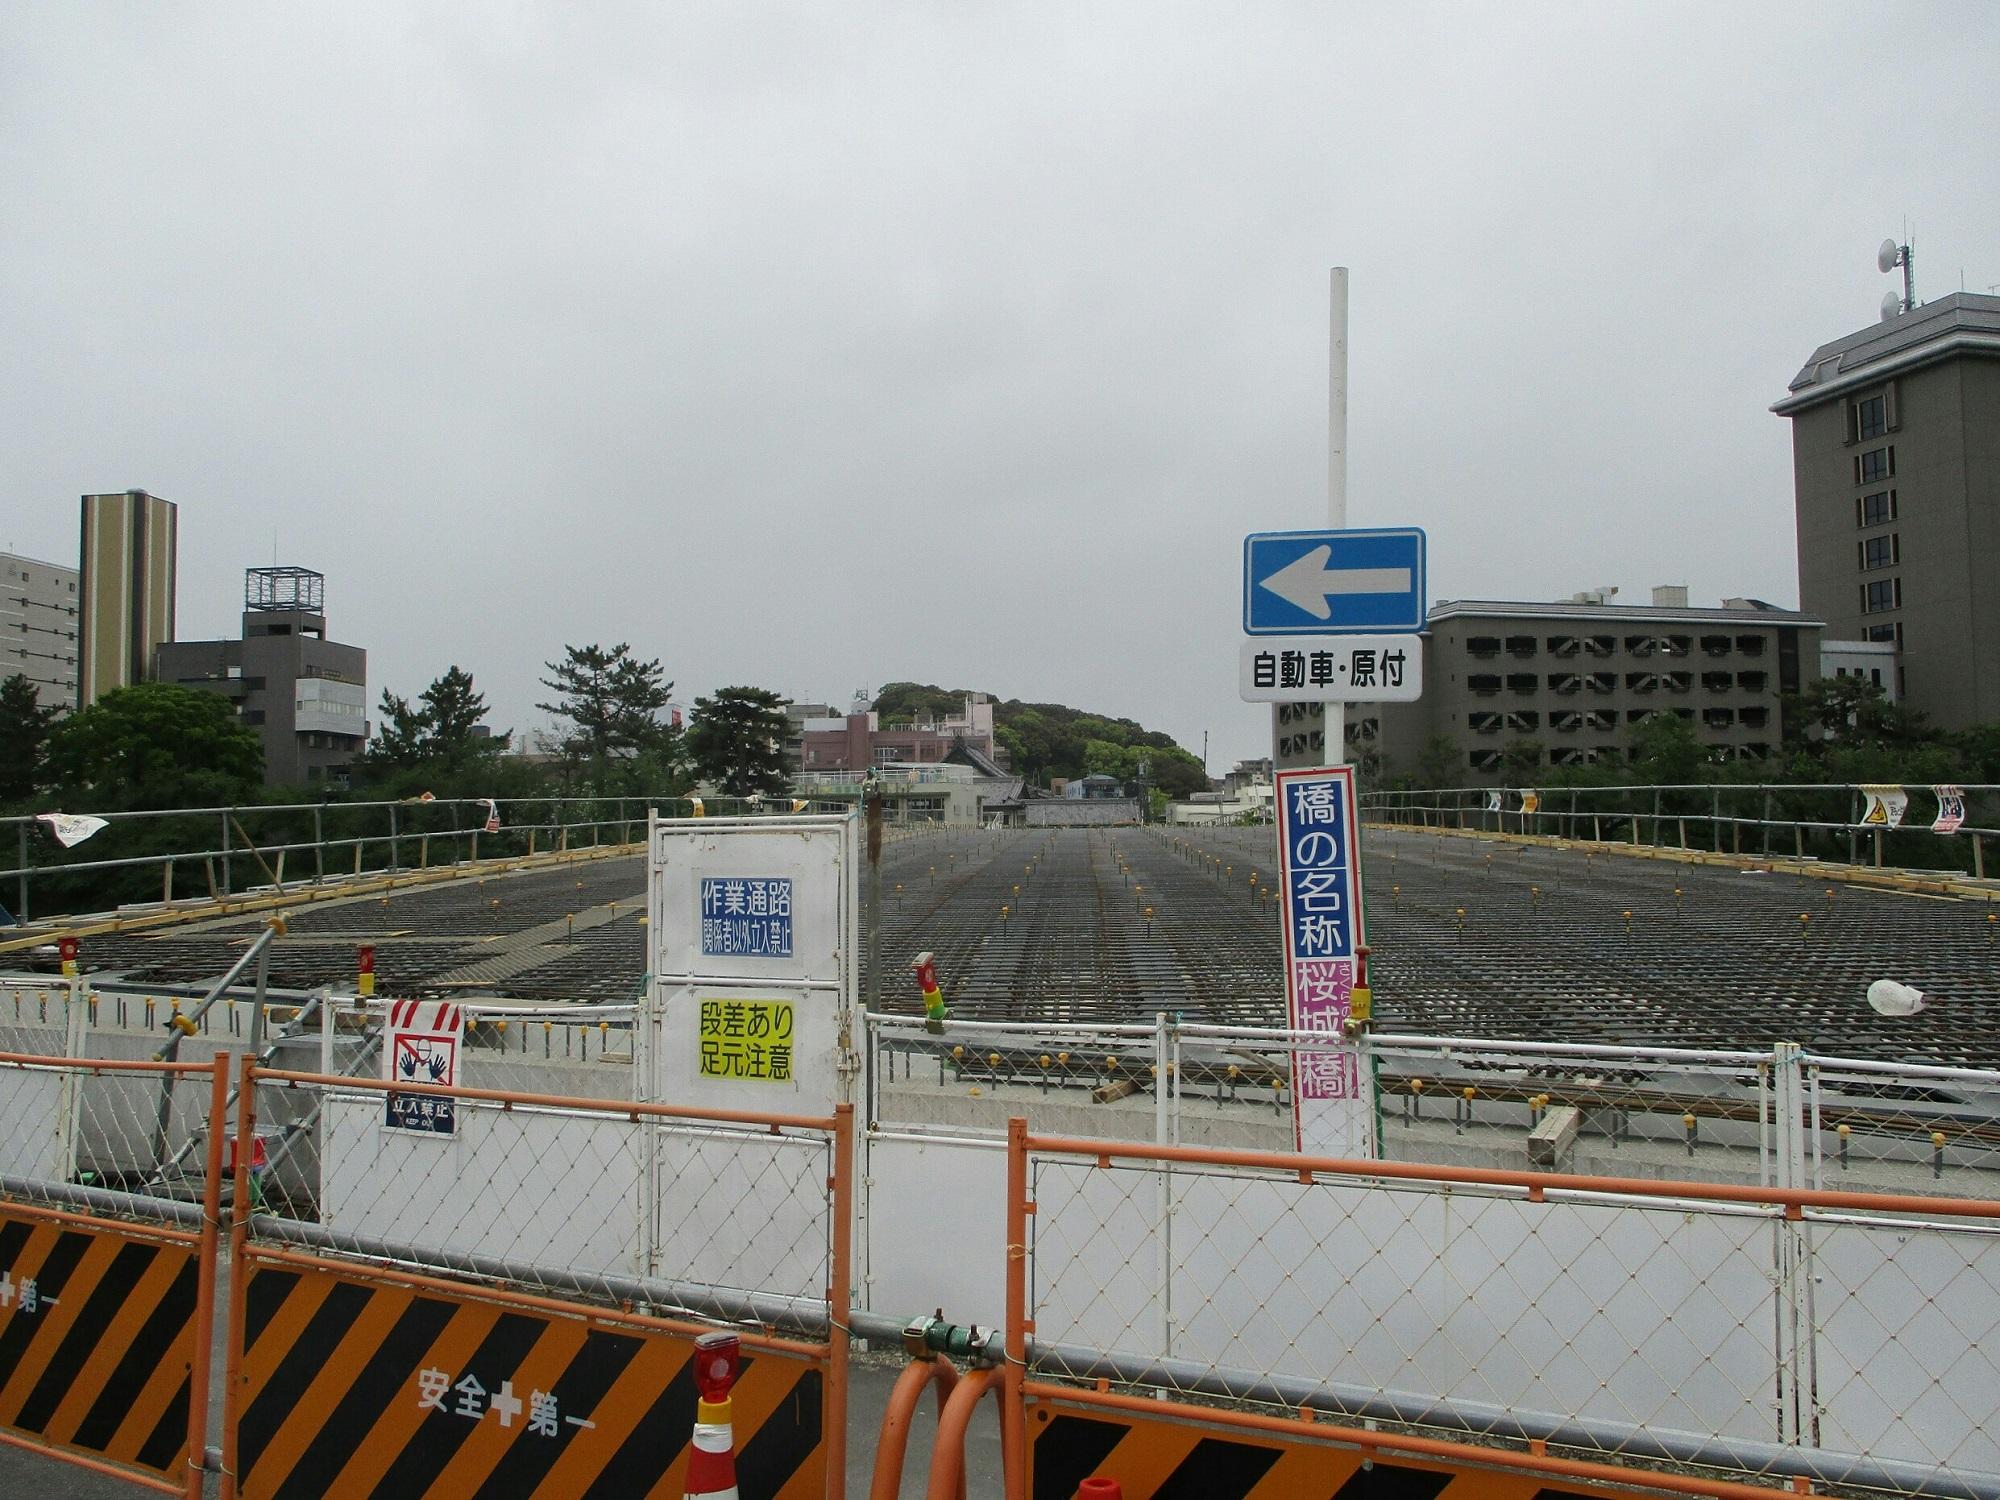 2019.5.20 (5) 桜城橋 2000-1500